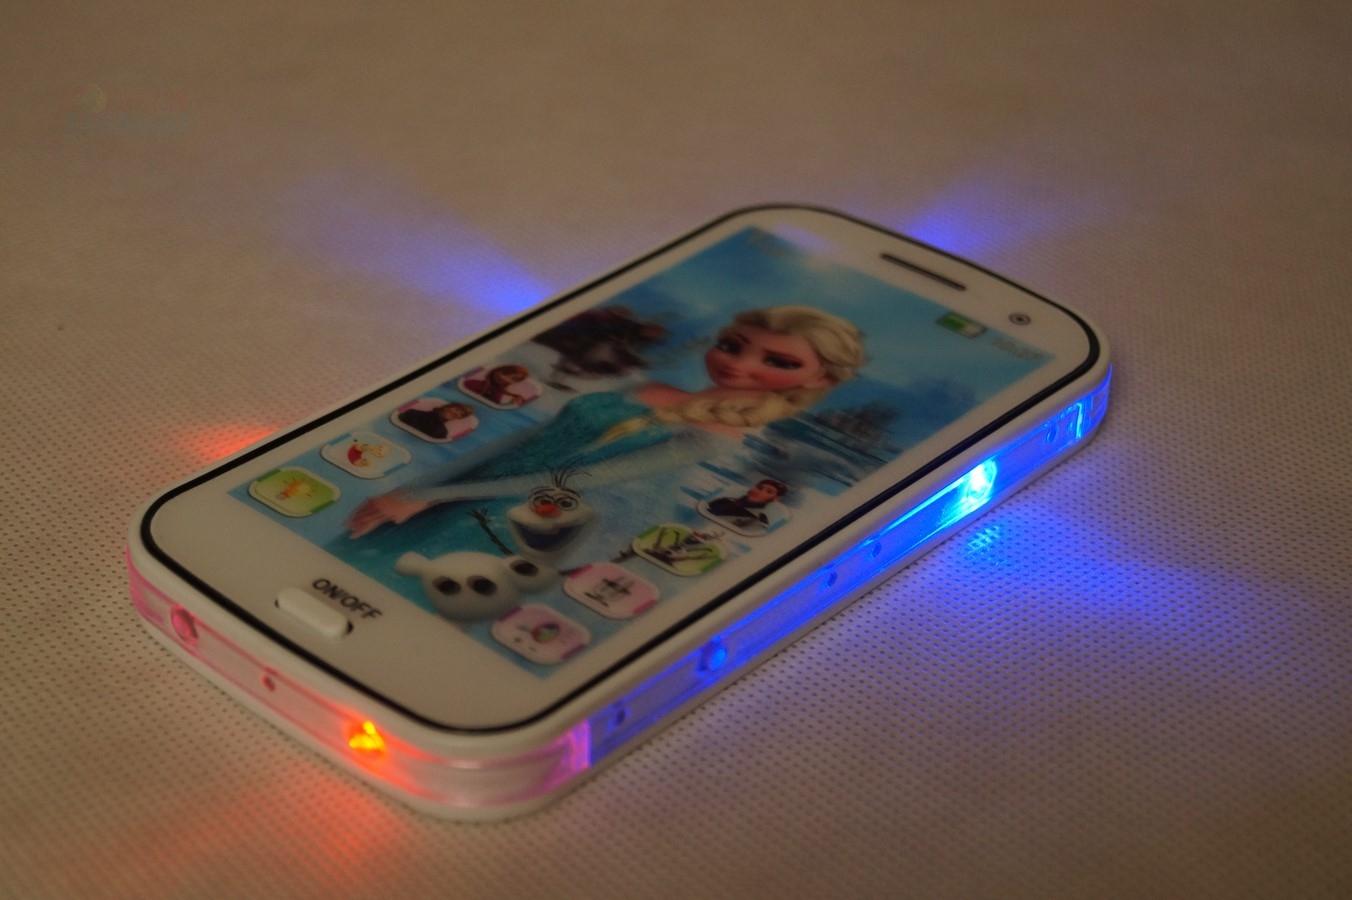 de2df45be9 Smartfon interaktywny 3D dla dziecka Minionki